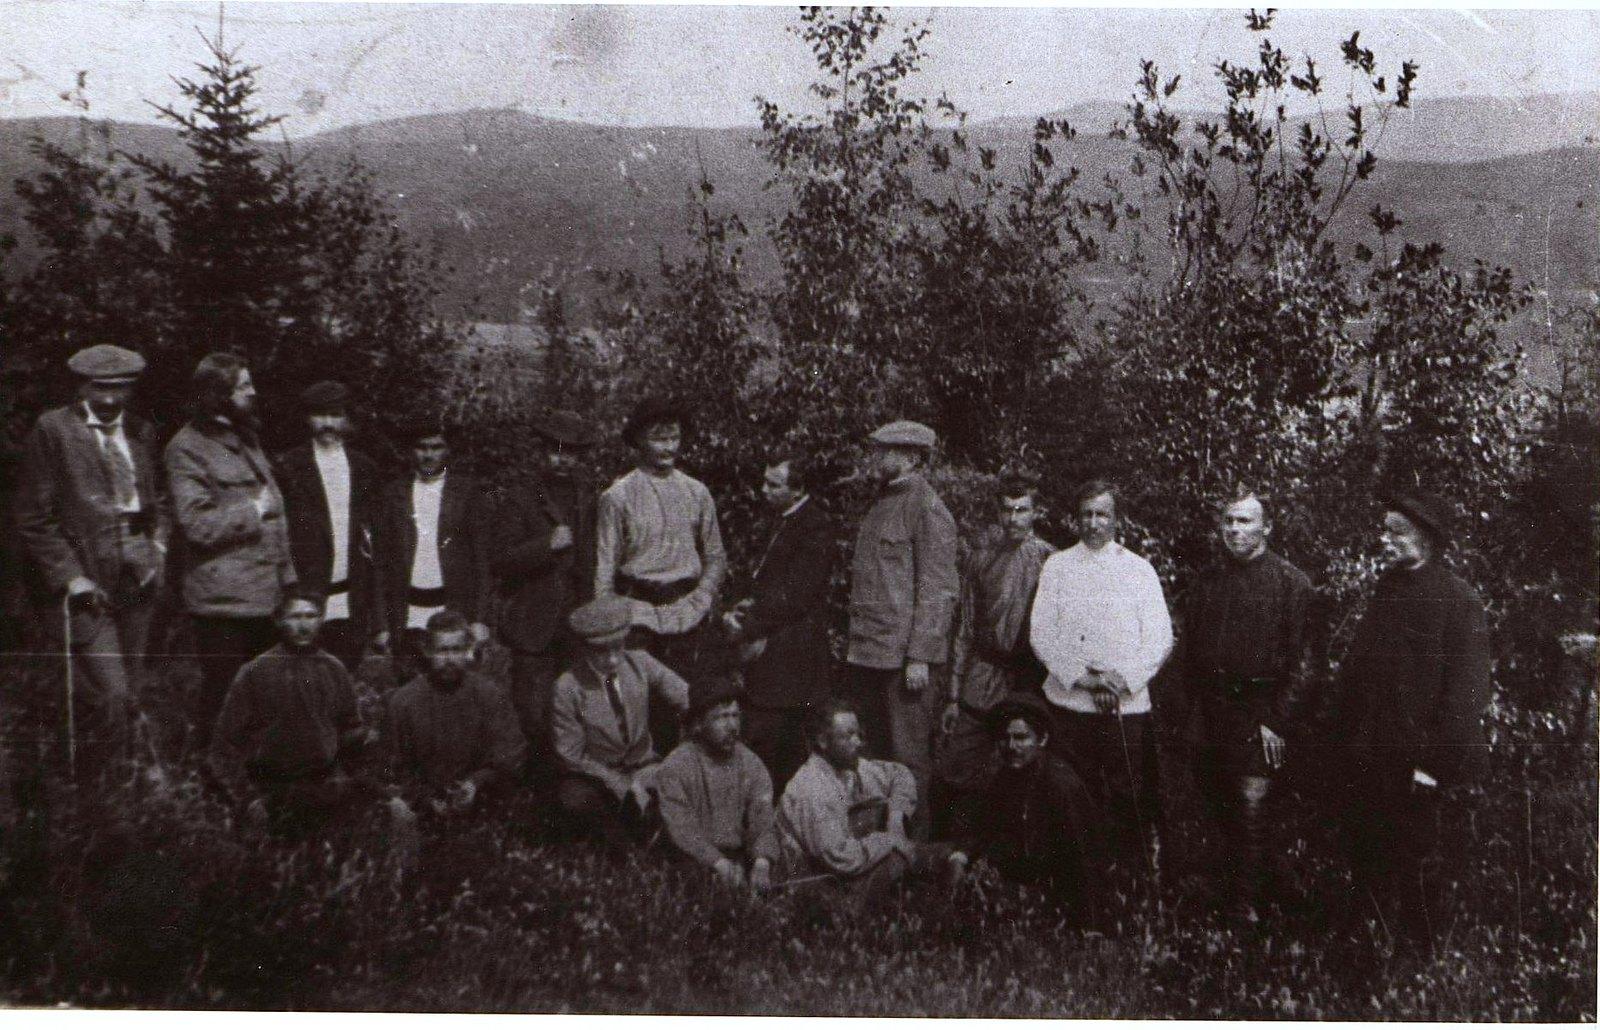 13. 1912. Юристы, приехавшие для расследования причин забастовки на Ленских приисках, и рабочие